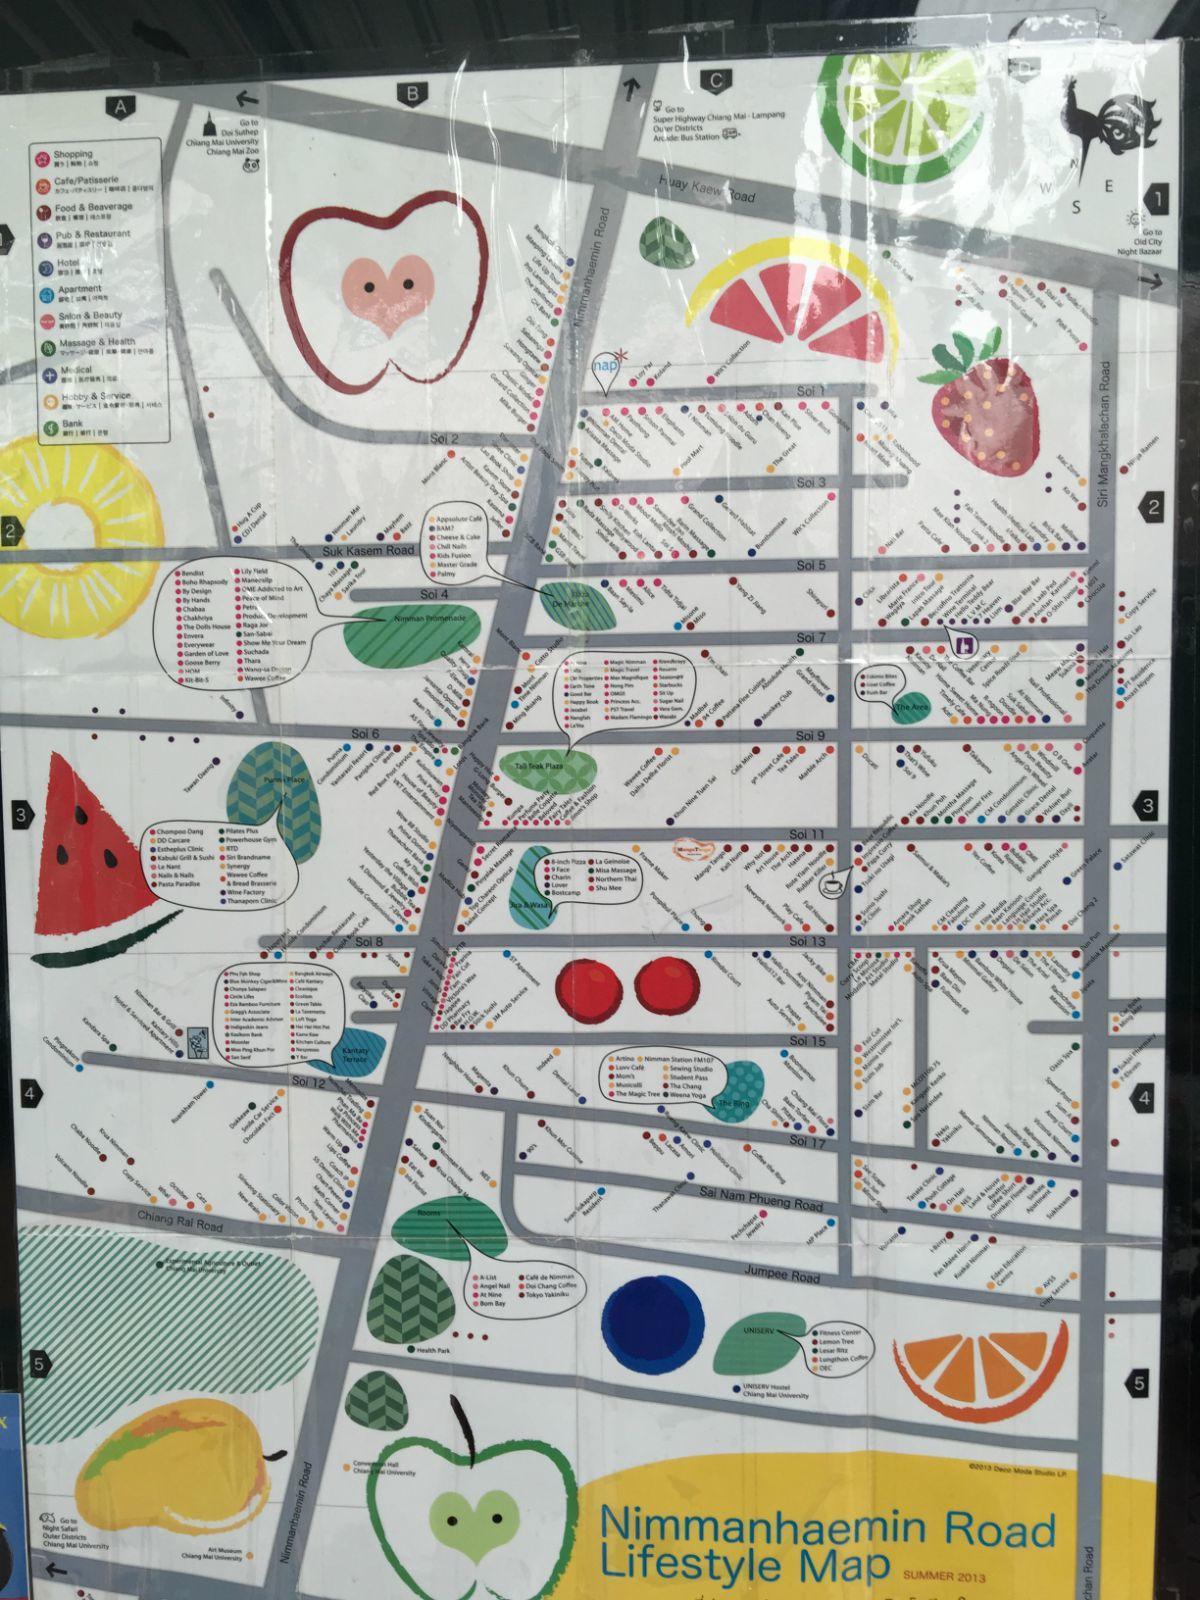 宁曼路地图